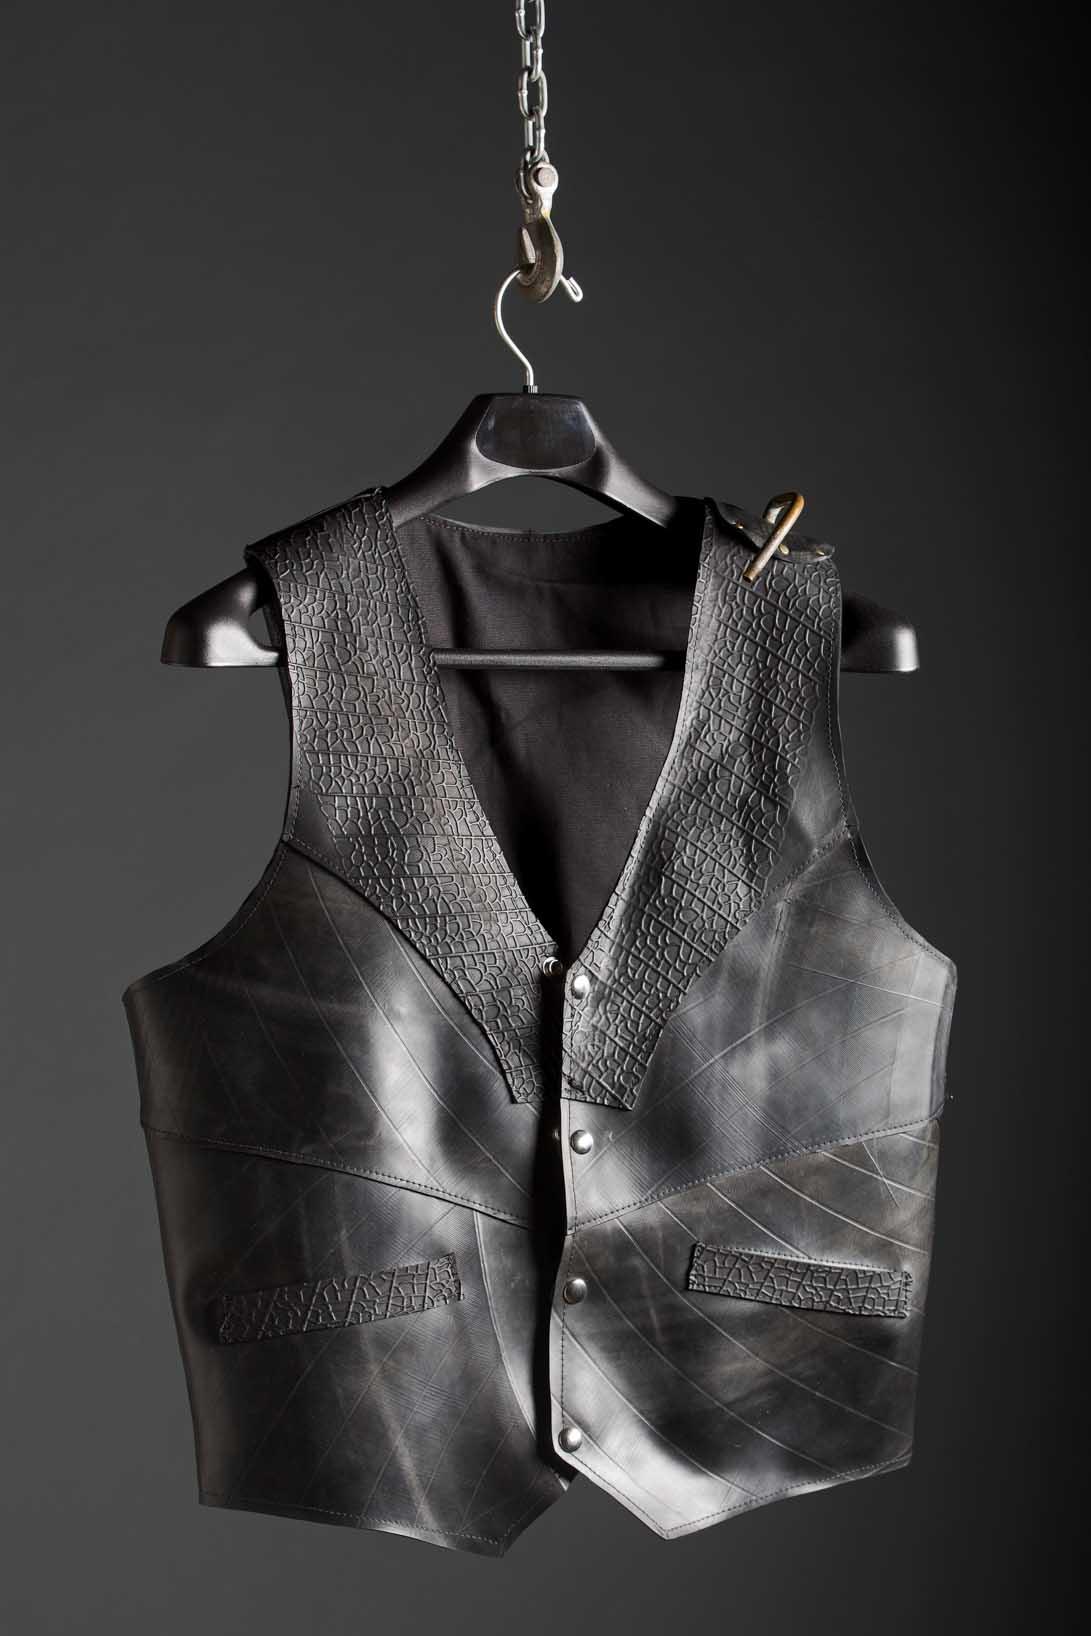 Life Vest 1